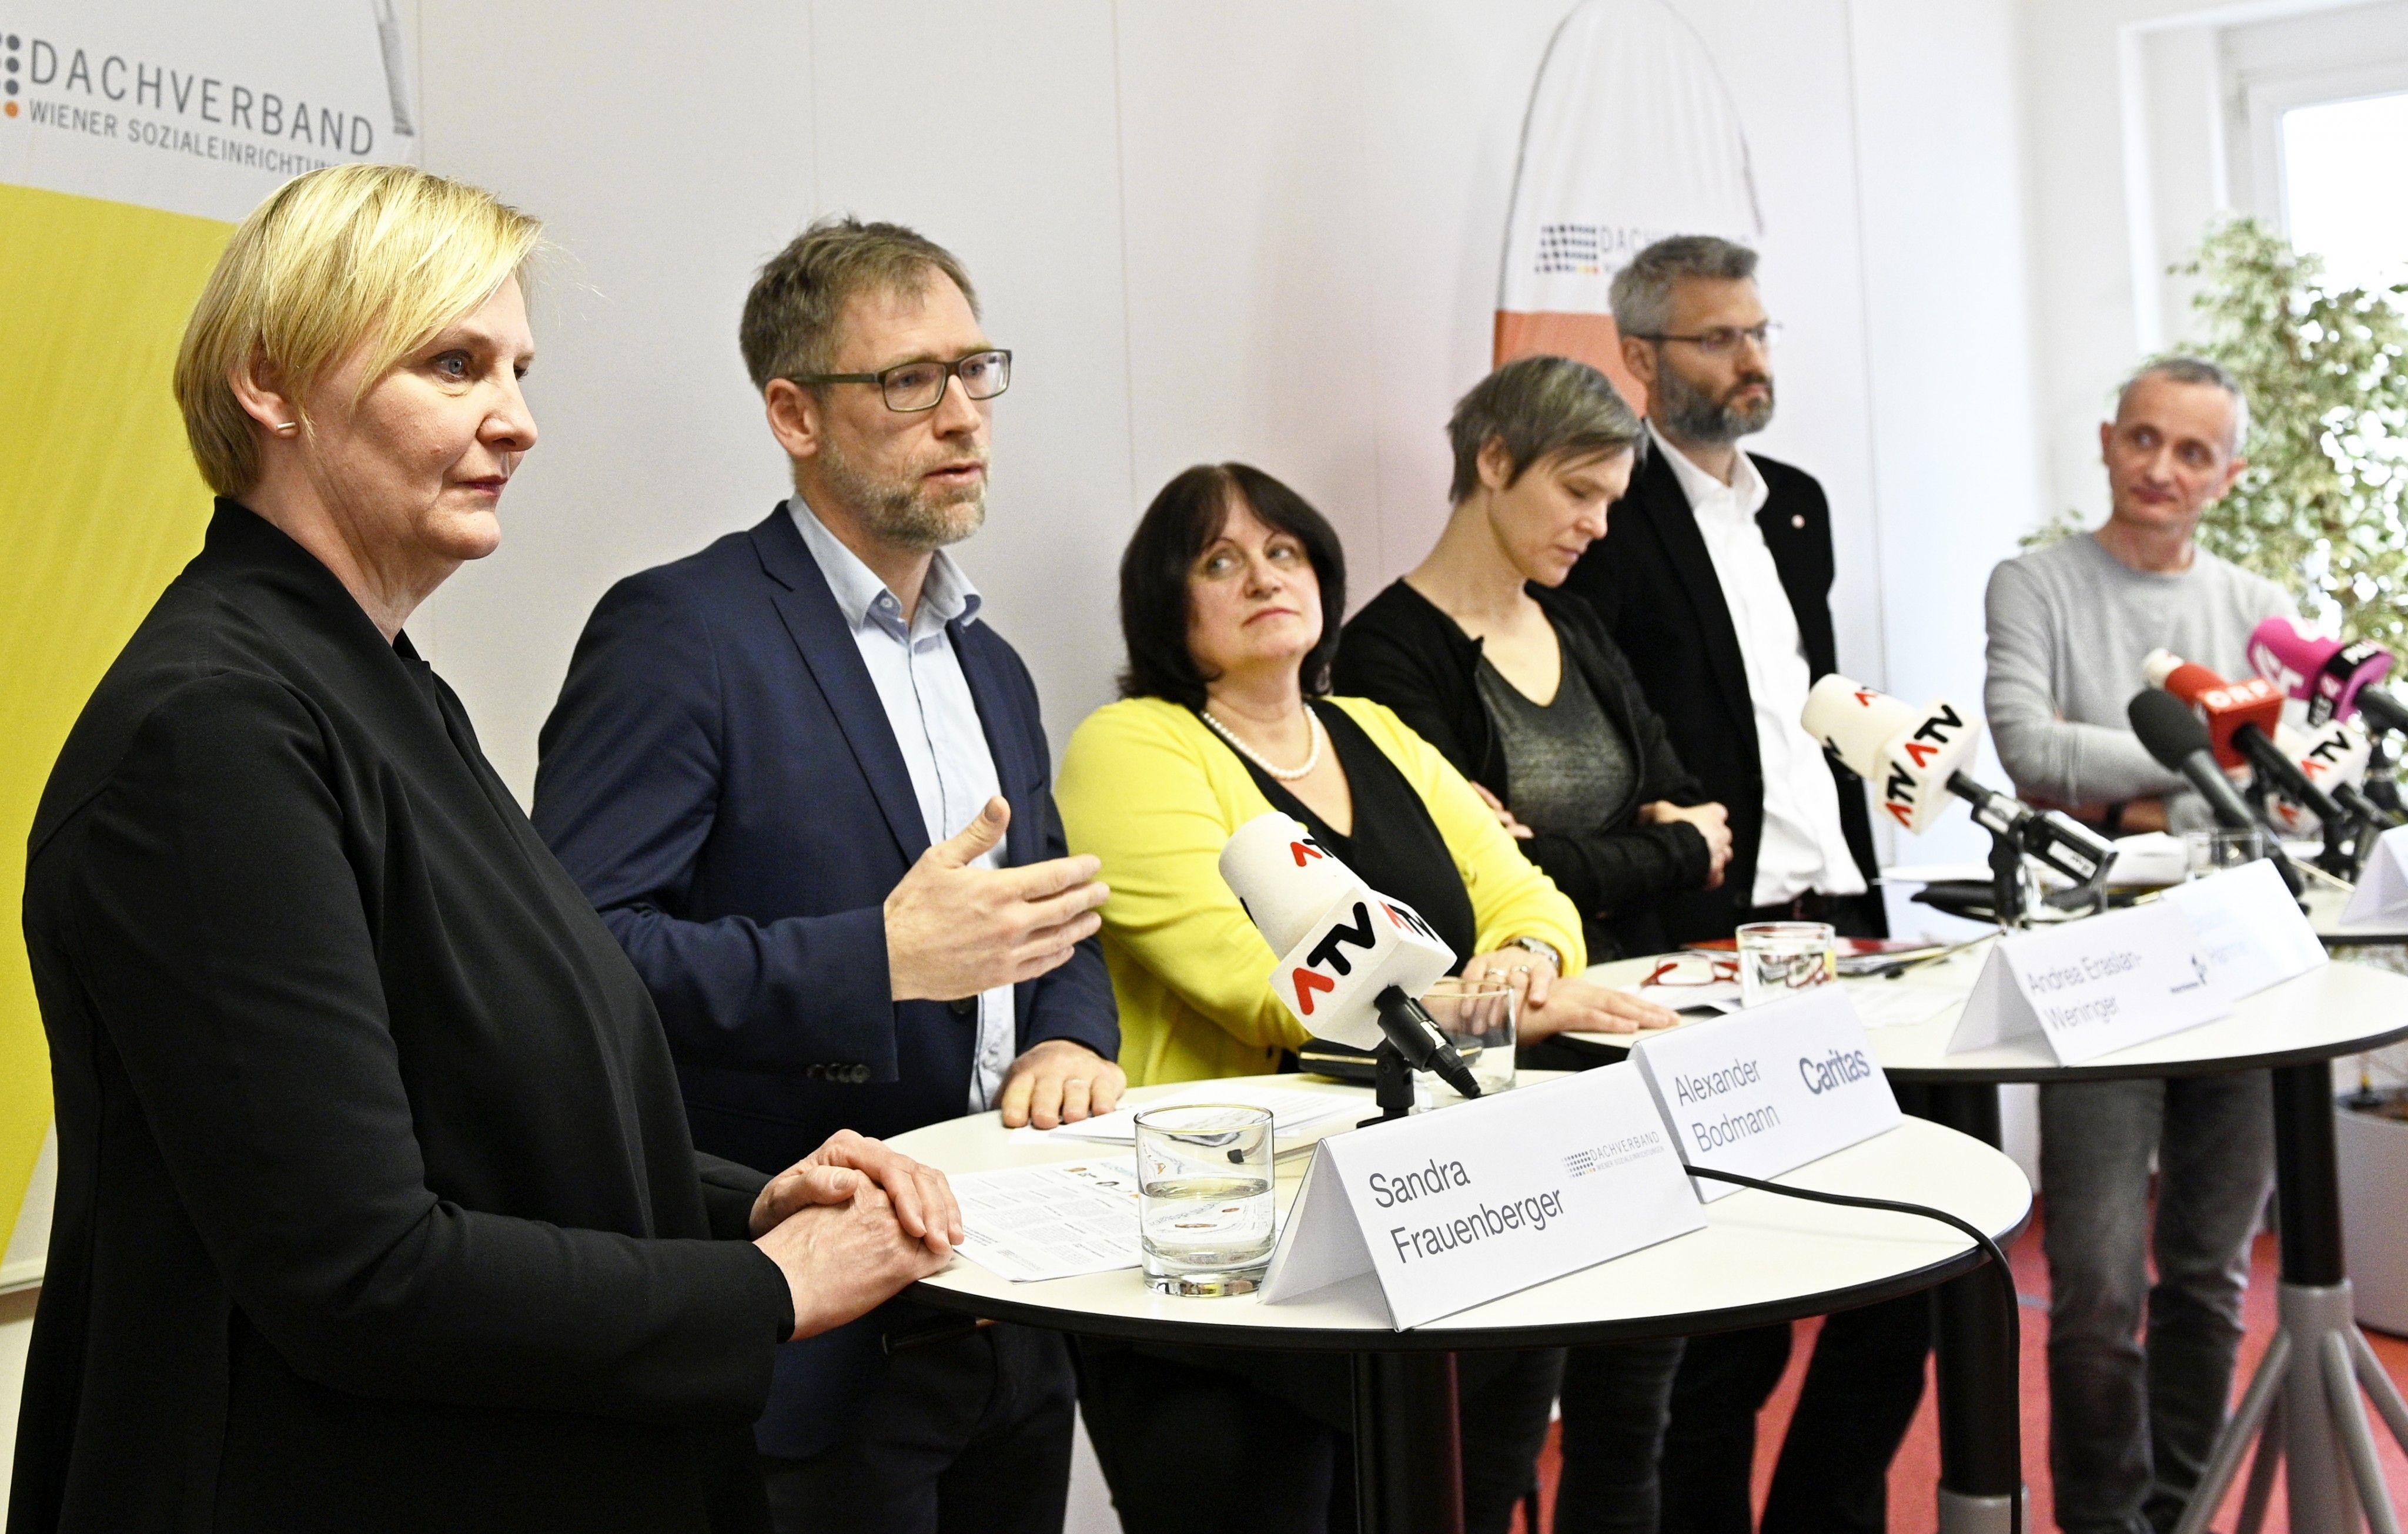 Mindestsicherung: Wiener Sozialhilfeeinrichtungen warnen vor massiven Auswirkungen